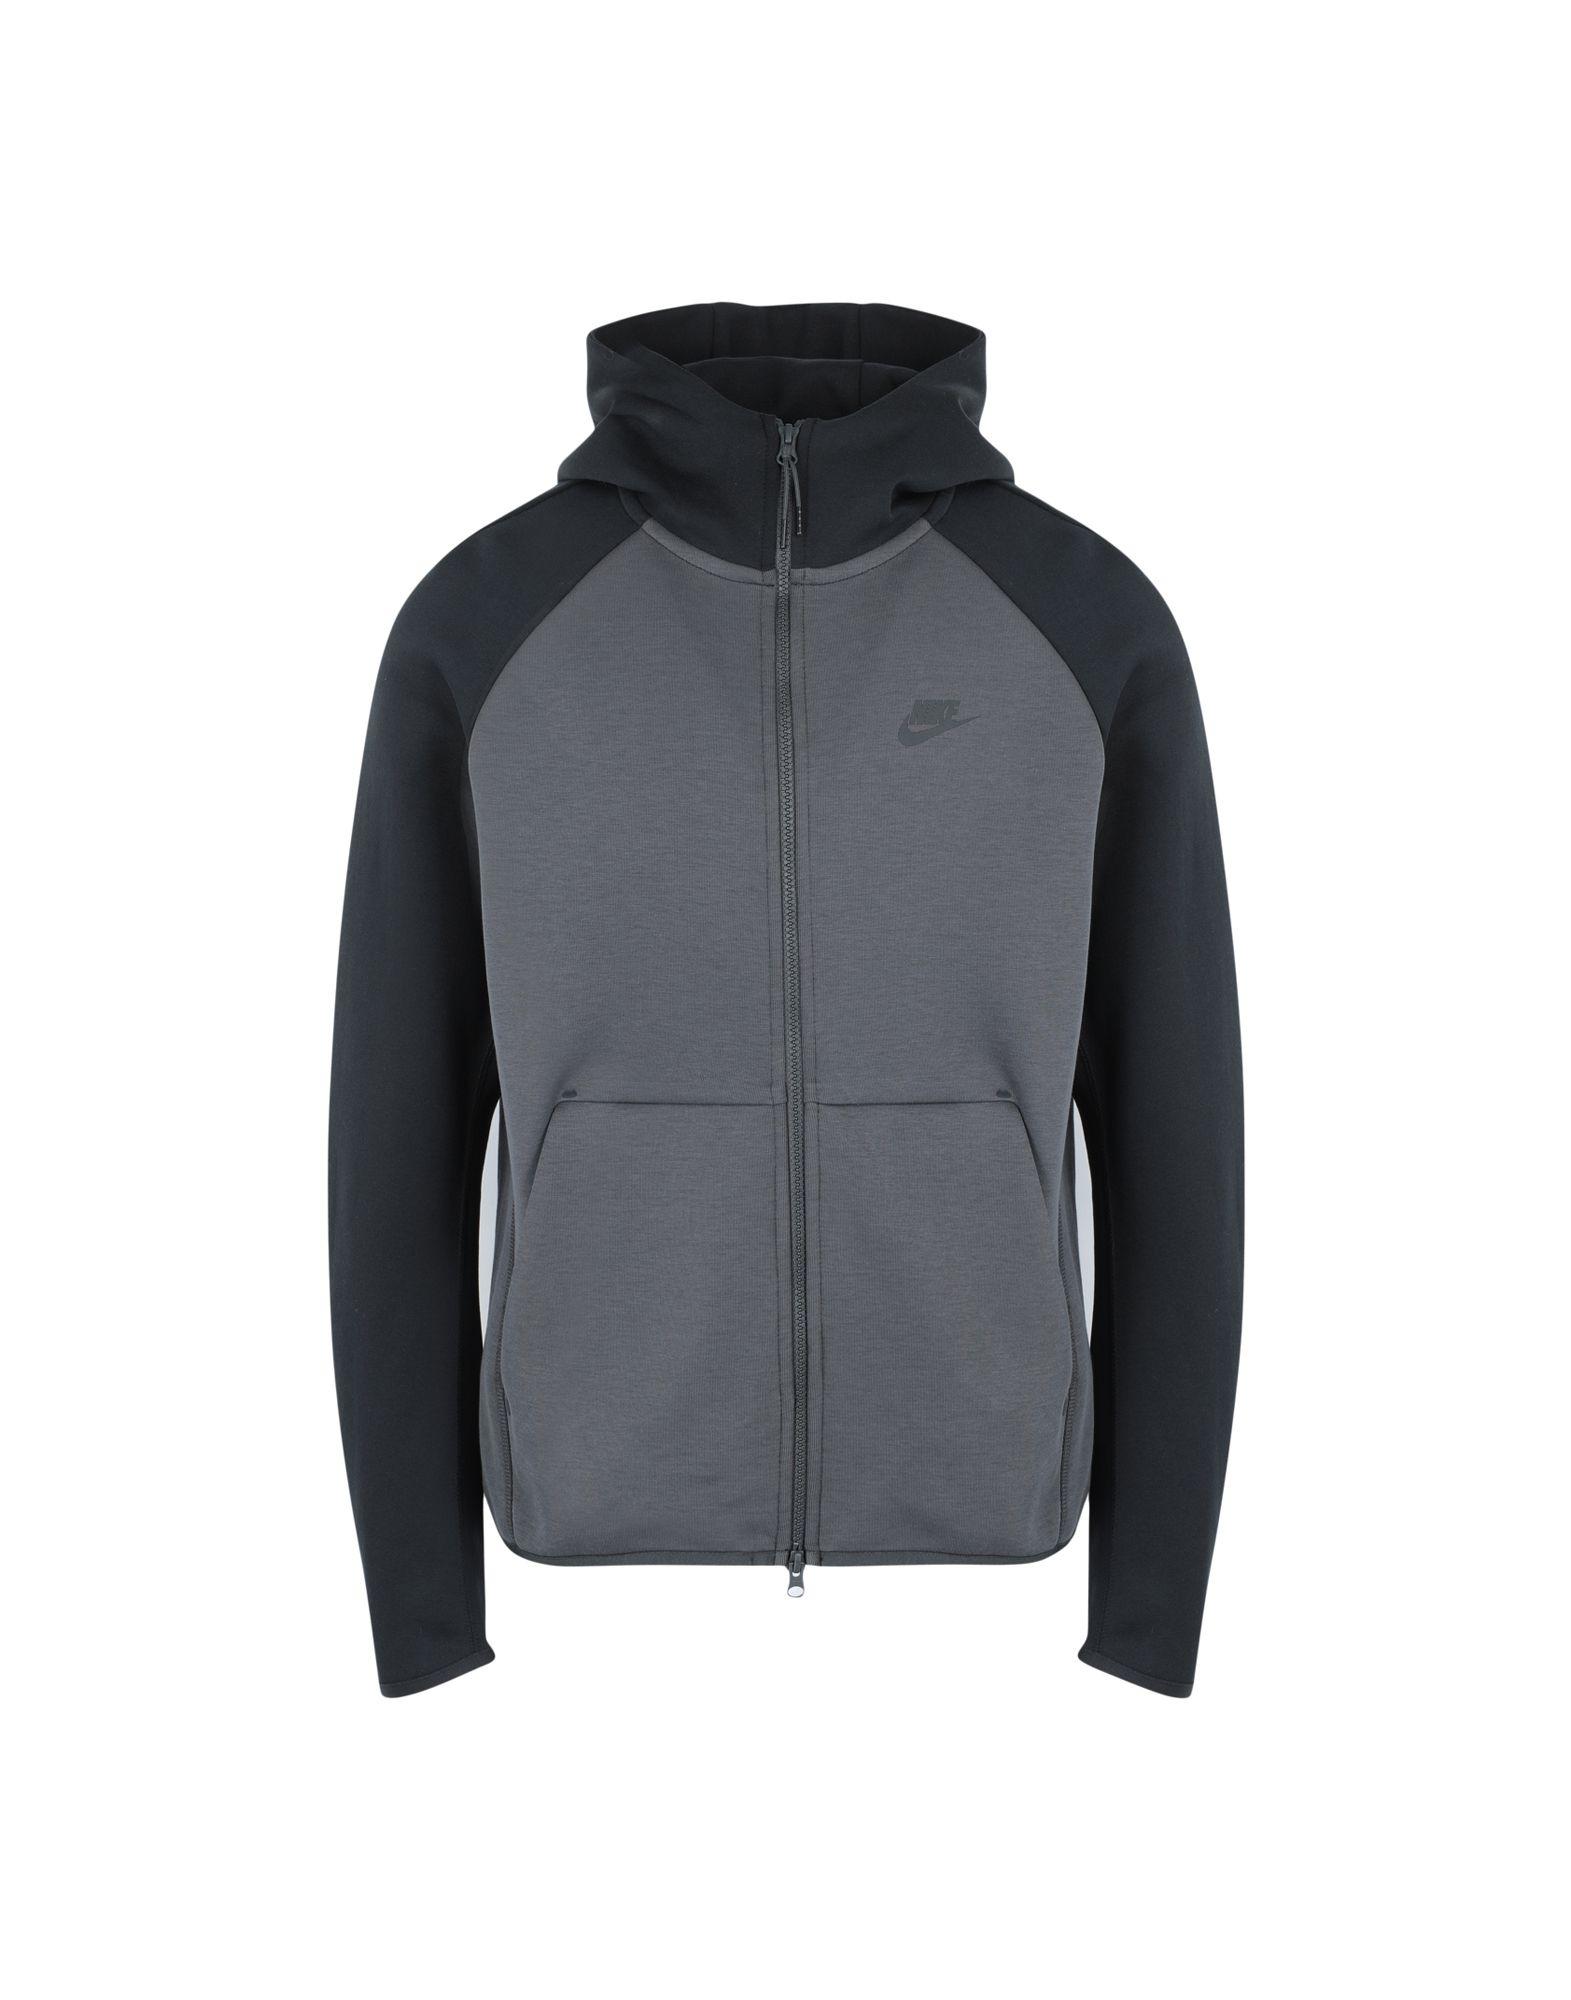 Felpa Nike Tech Fleece Hoodie Full Zip - herren - 12308694TG